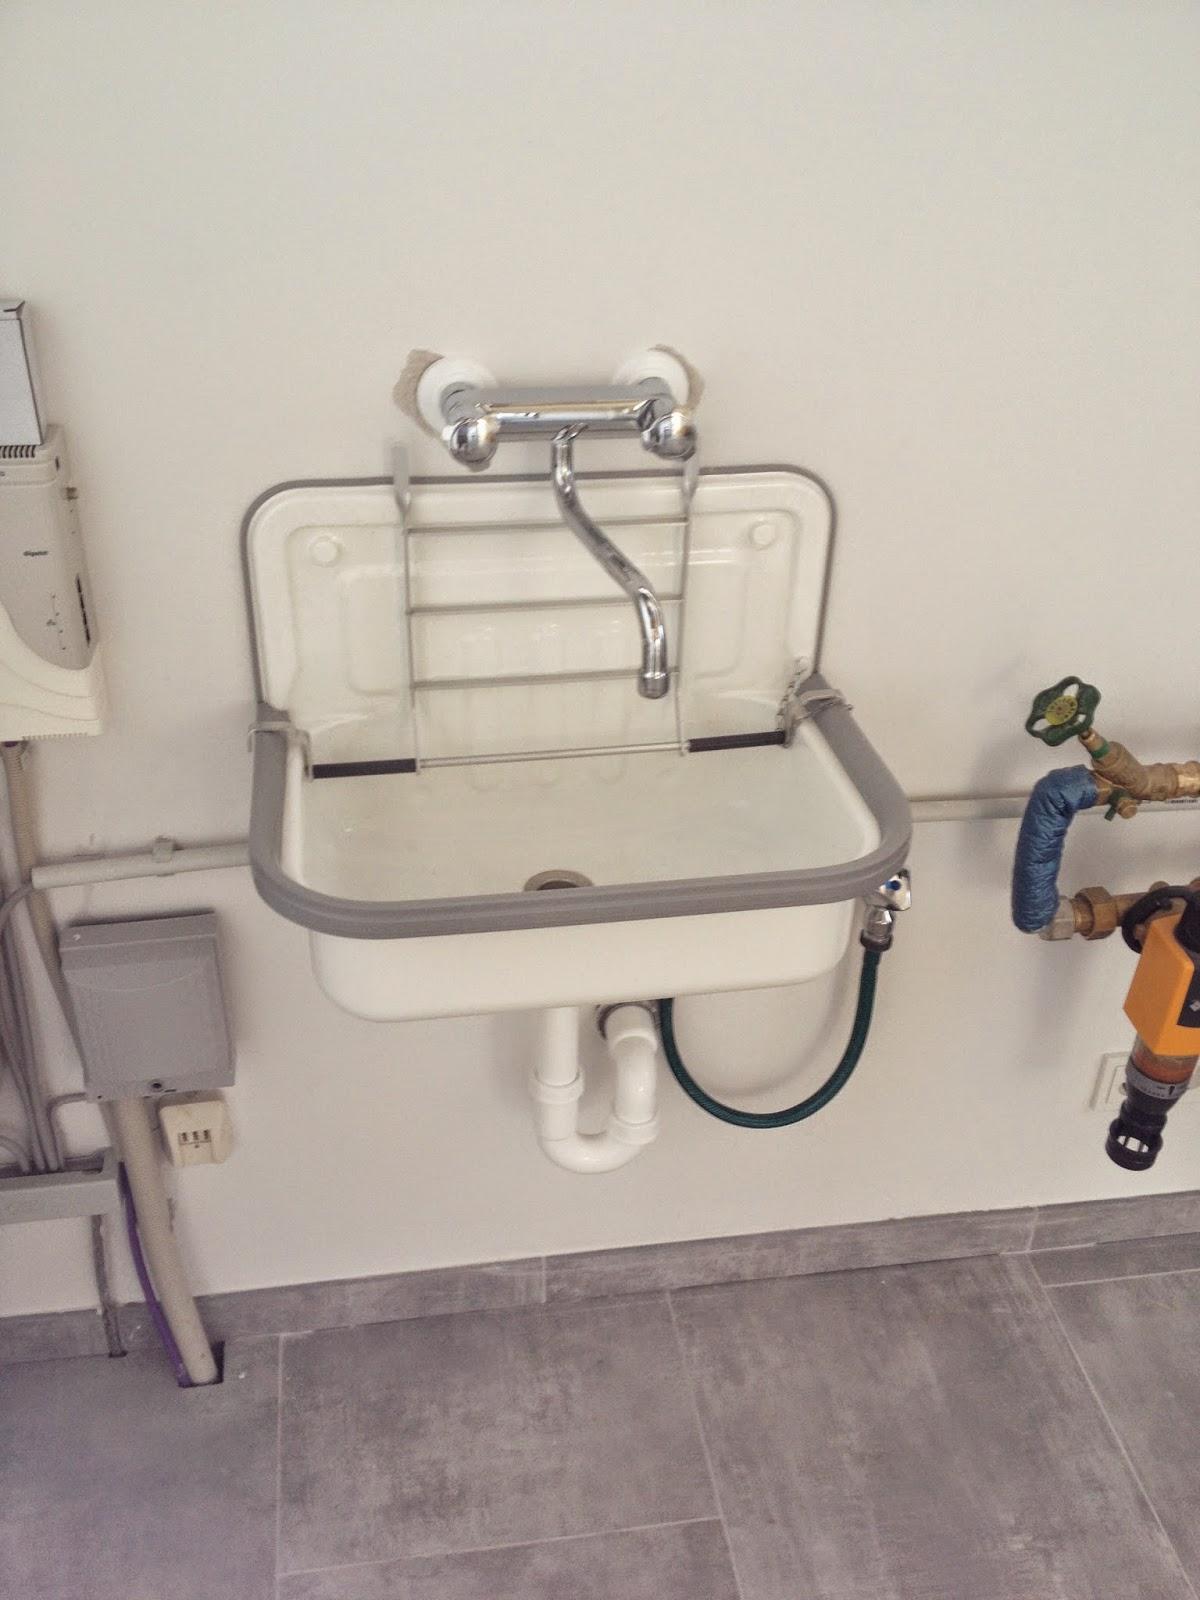 ausgussbecken armatur aufputz abdeckung ablauf dusche